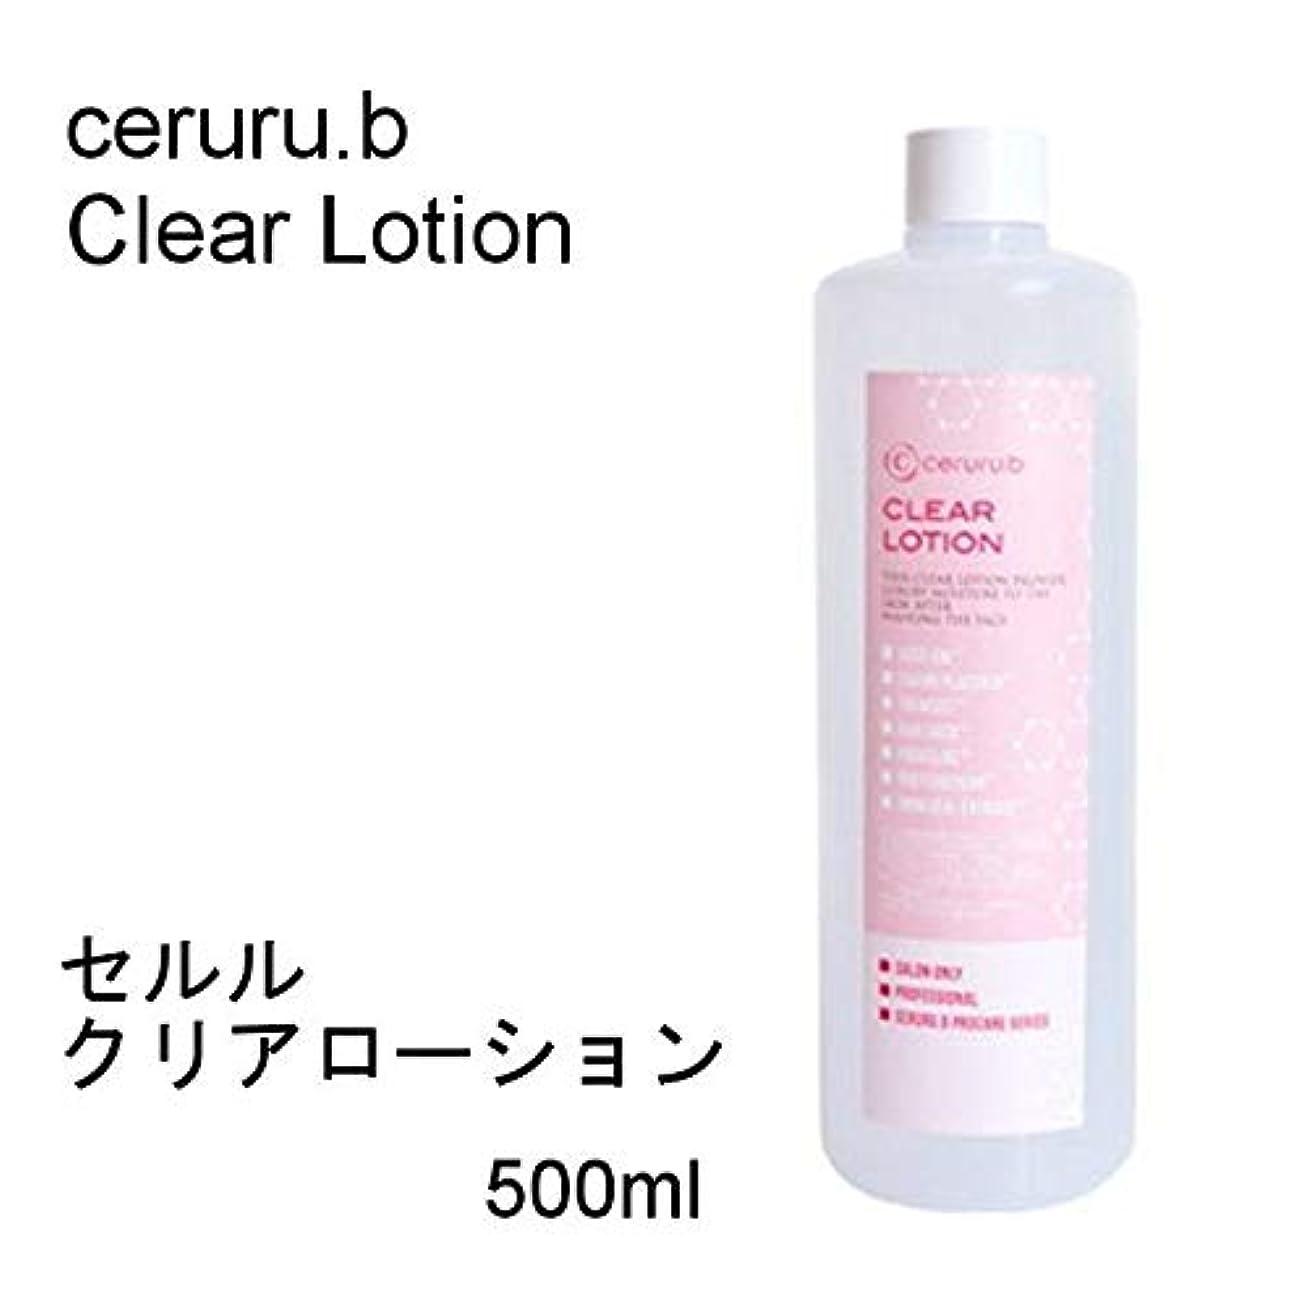 まぶしさ被害者うがい薬ceruru.b/セルル 業務用 クリアローション 化粧水 500mL